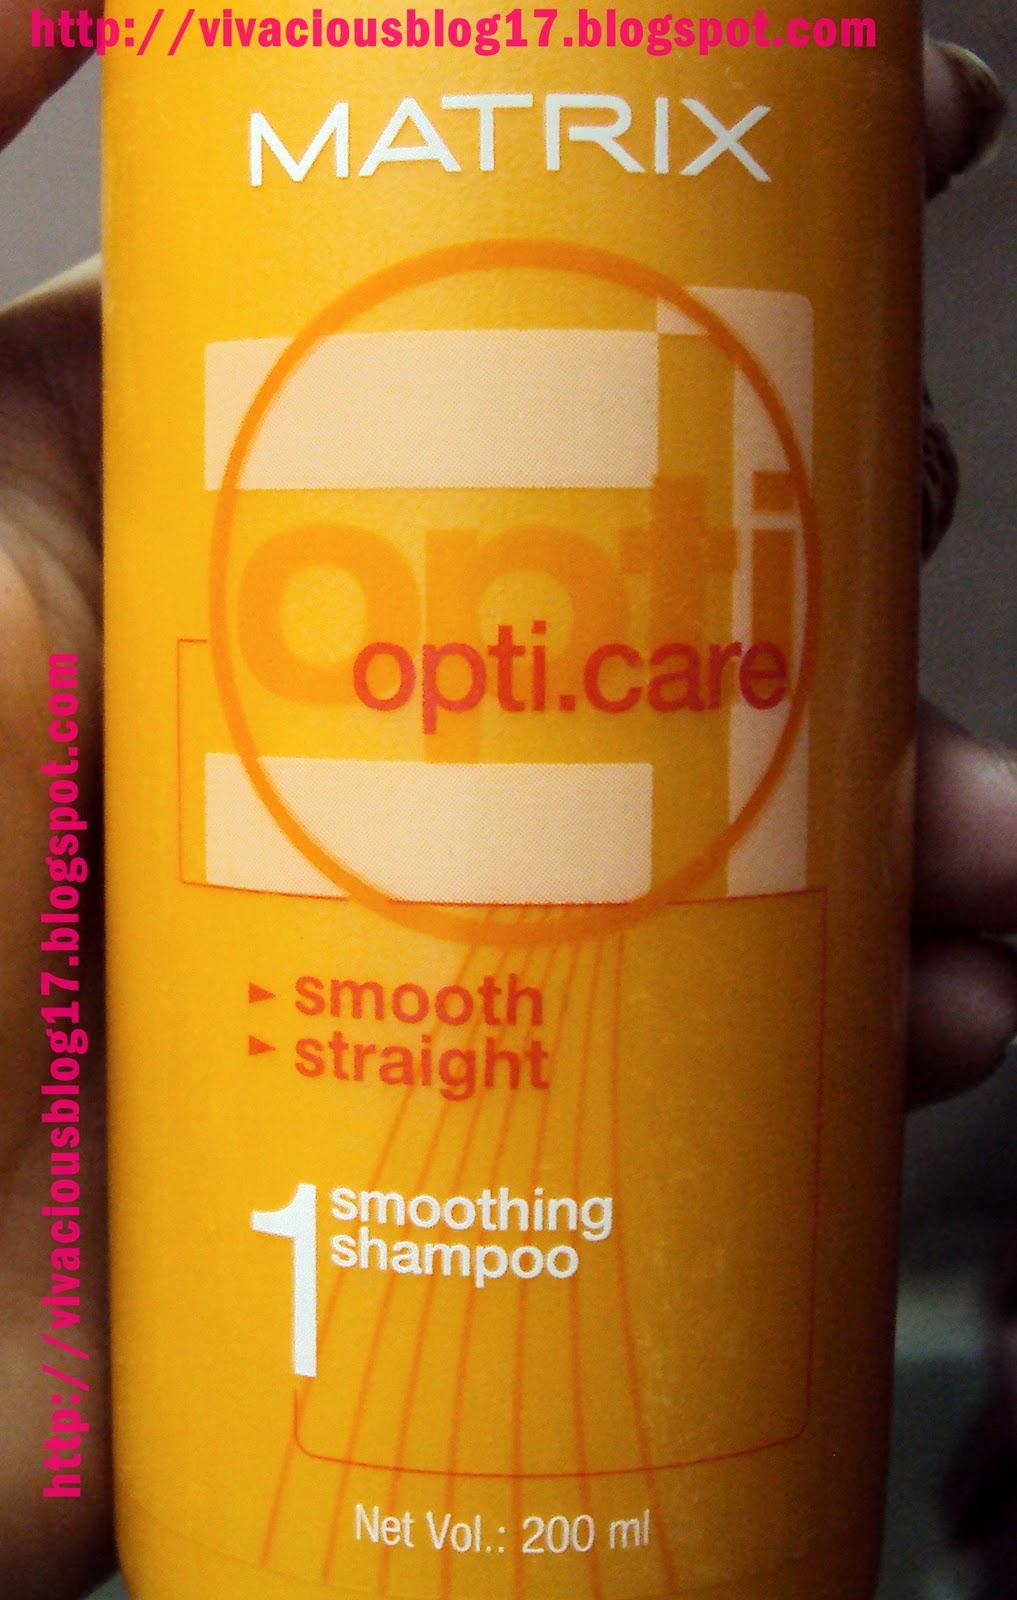 Vivacious Blog Matrix OptiCare Smoothing Shampoo Review